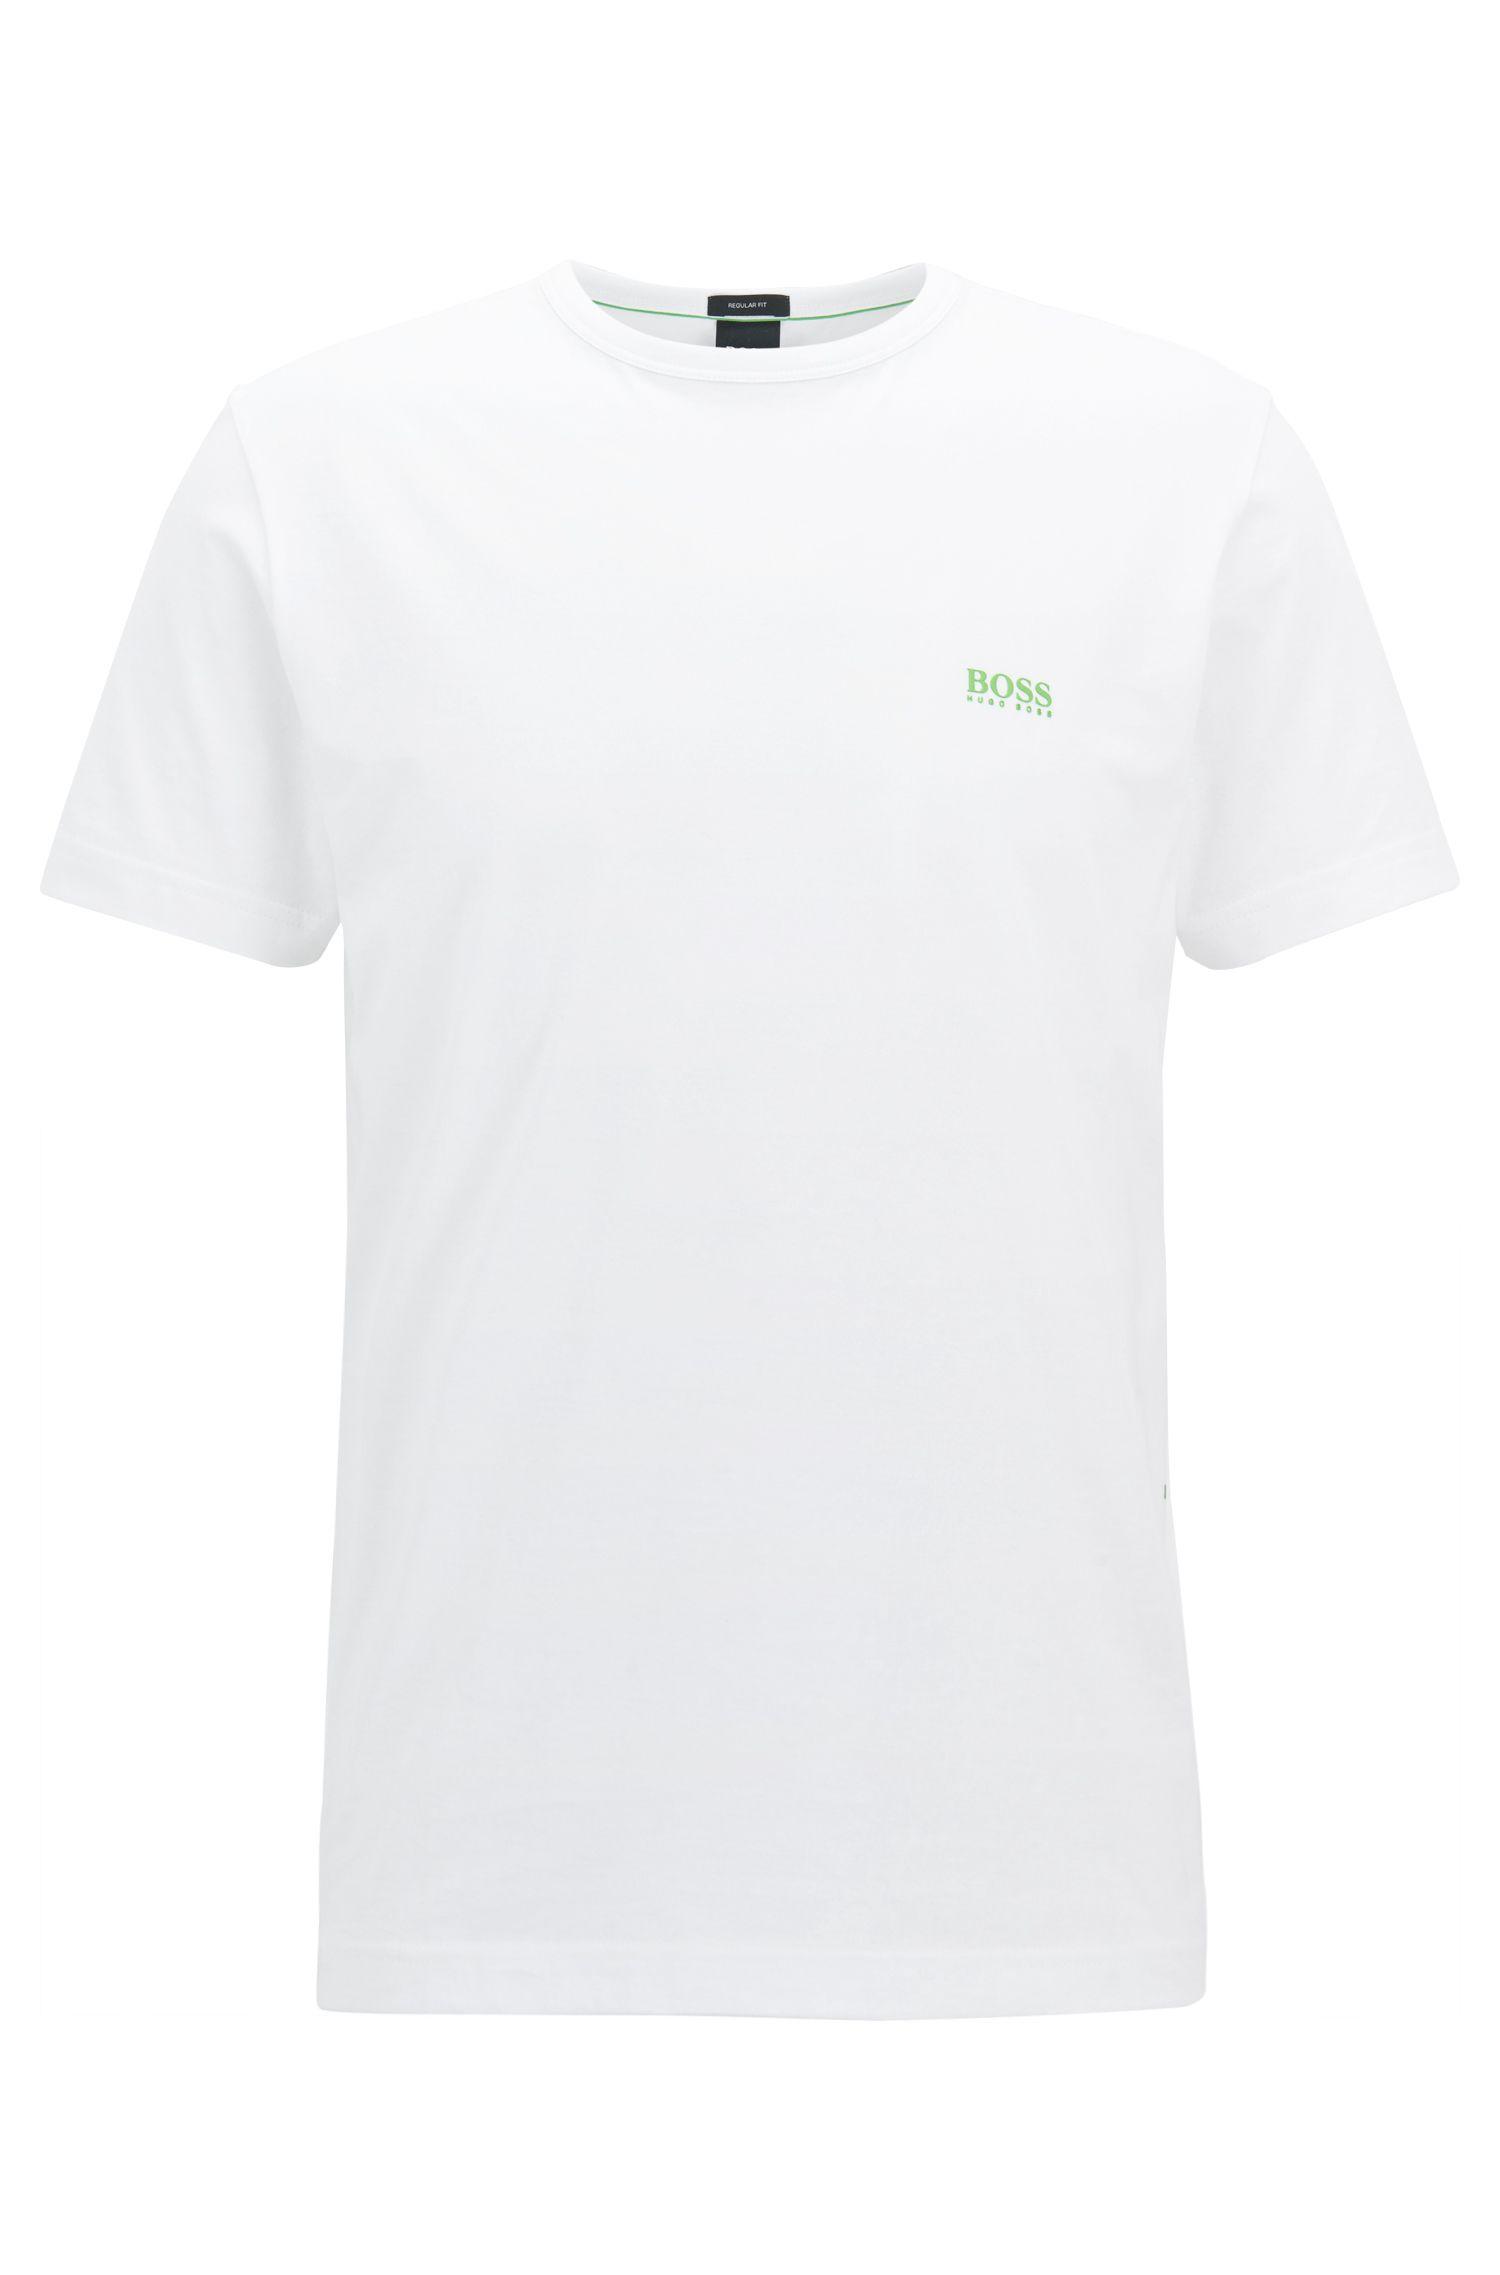 Cotton Jersey Logo T-Shirt | Tee